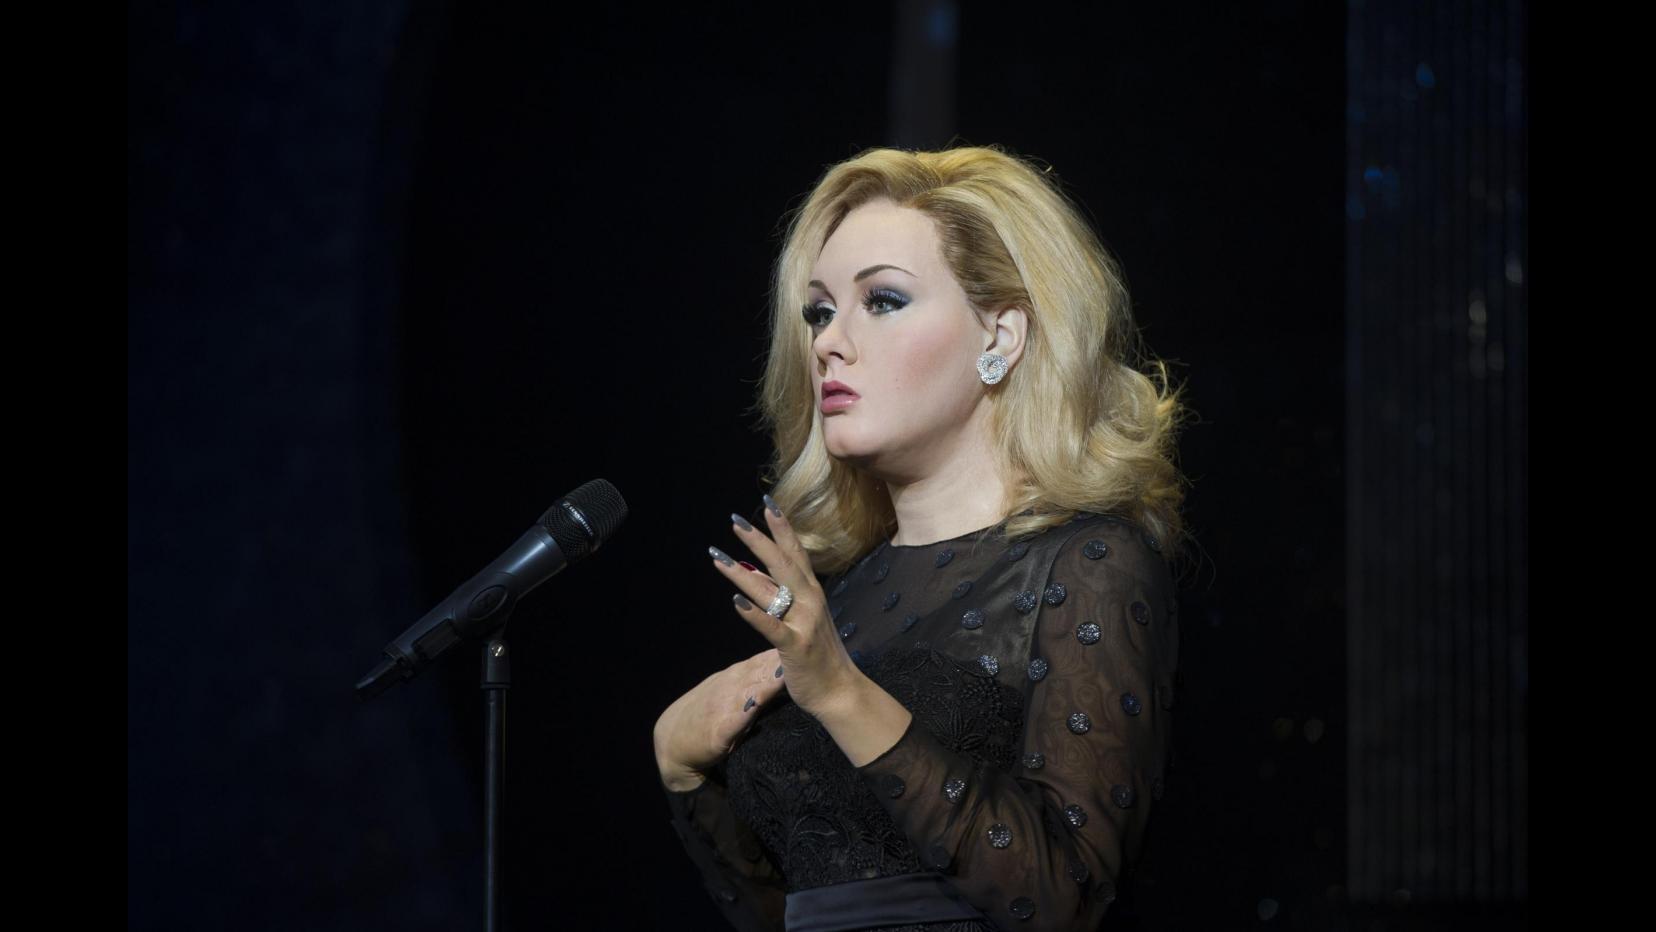 Musica, Adele annuncia nuovo album '25': Un disco di pacificazione